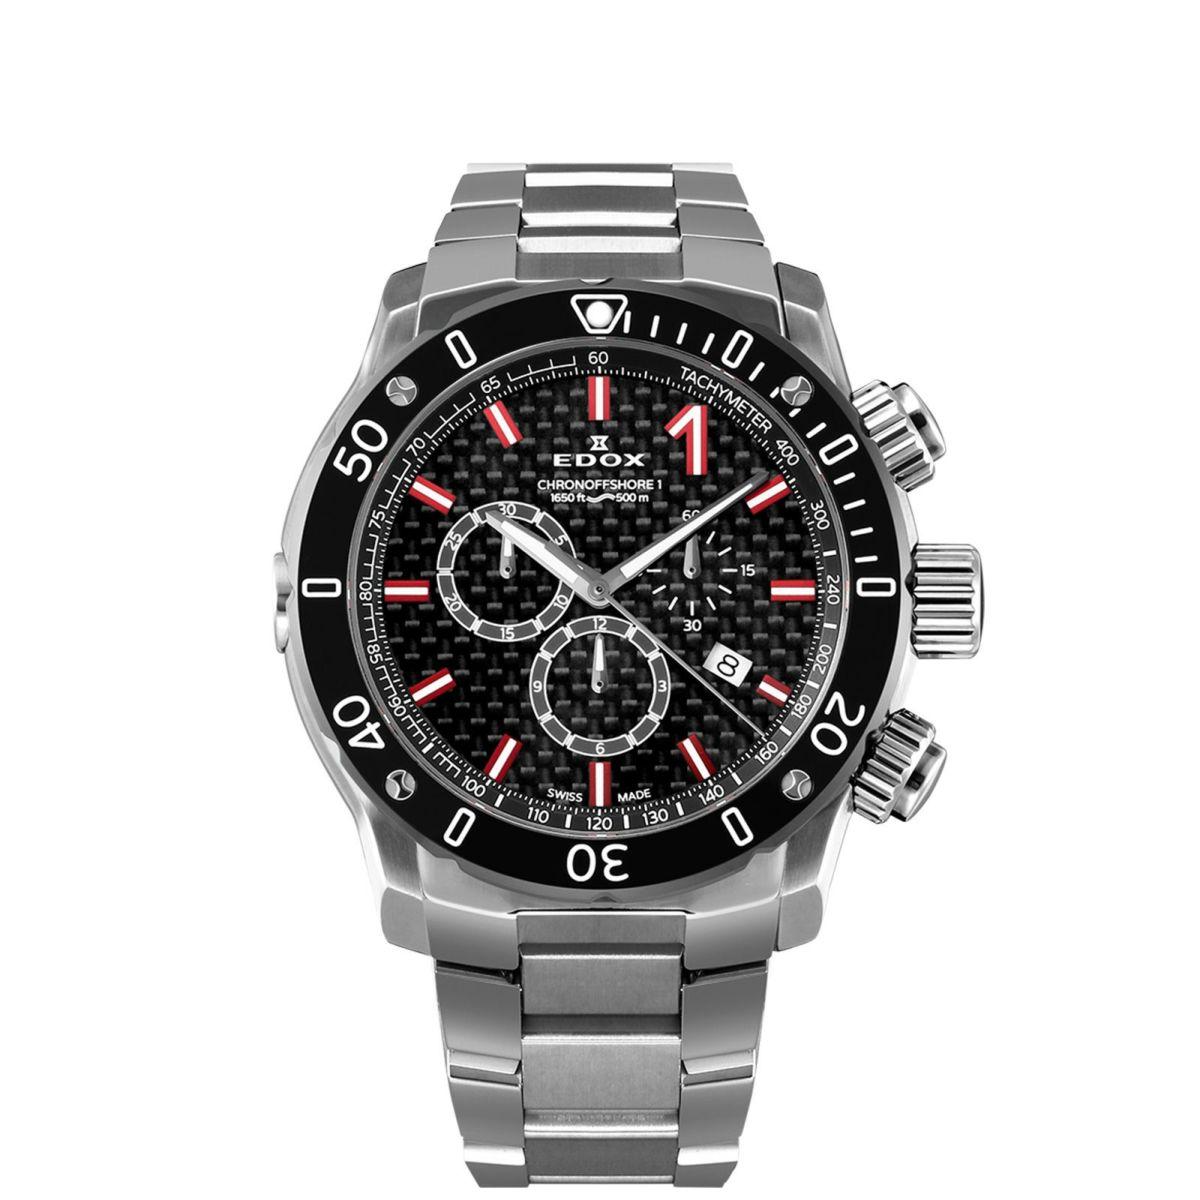 エドックス EDOX 10221-3M-NIRO2 クロノオフショア1 クロノグラフ クォーツ 正規品 腕時計